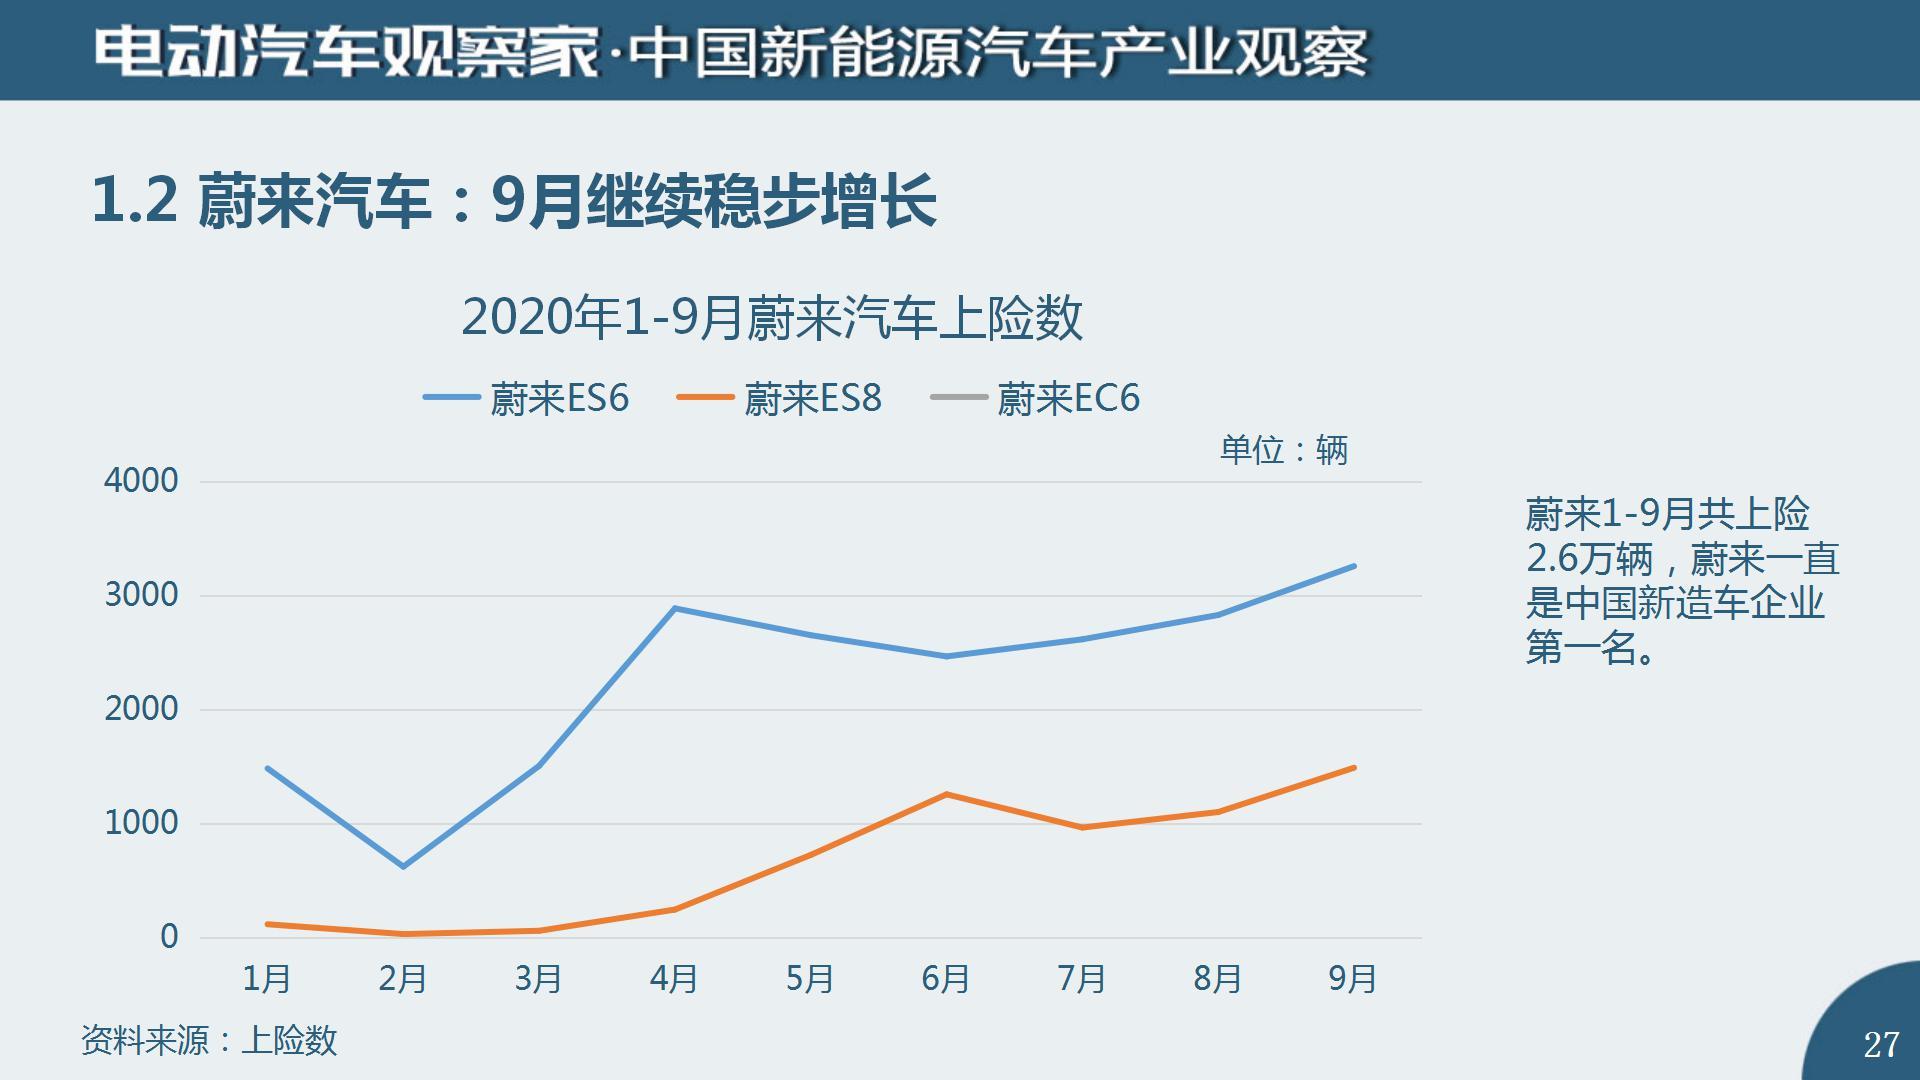 中国新能源汽车产业观察2020年9月(2)_27